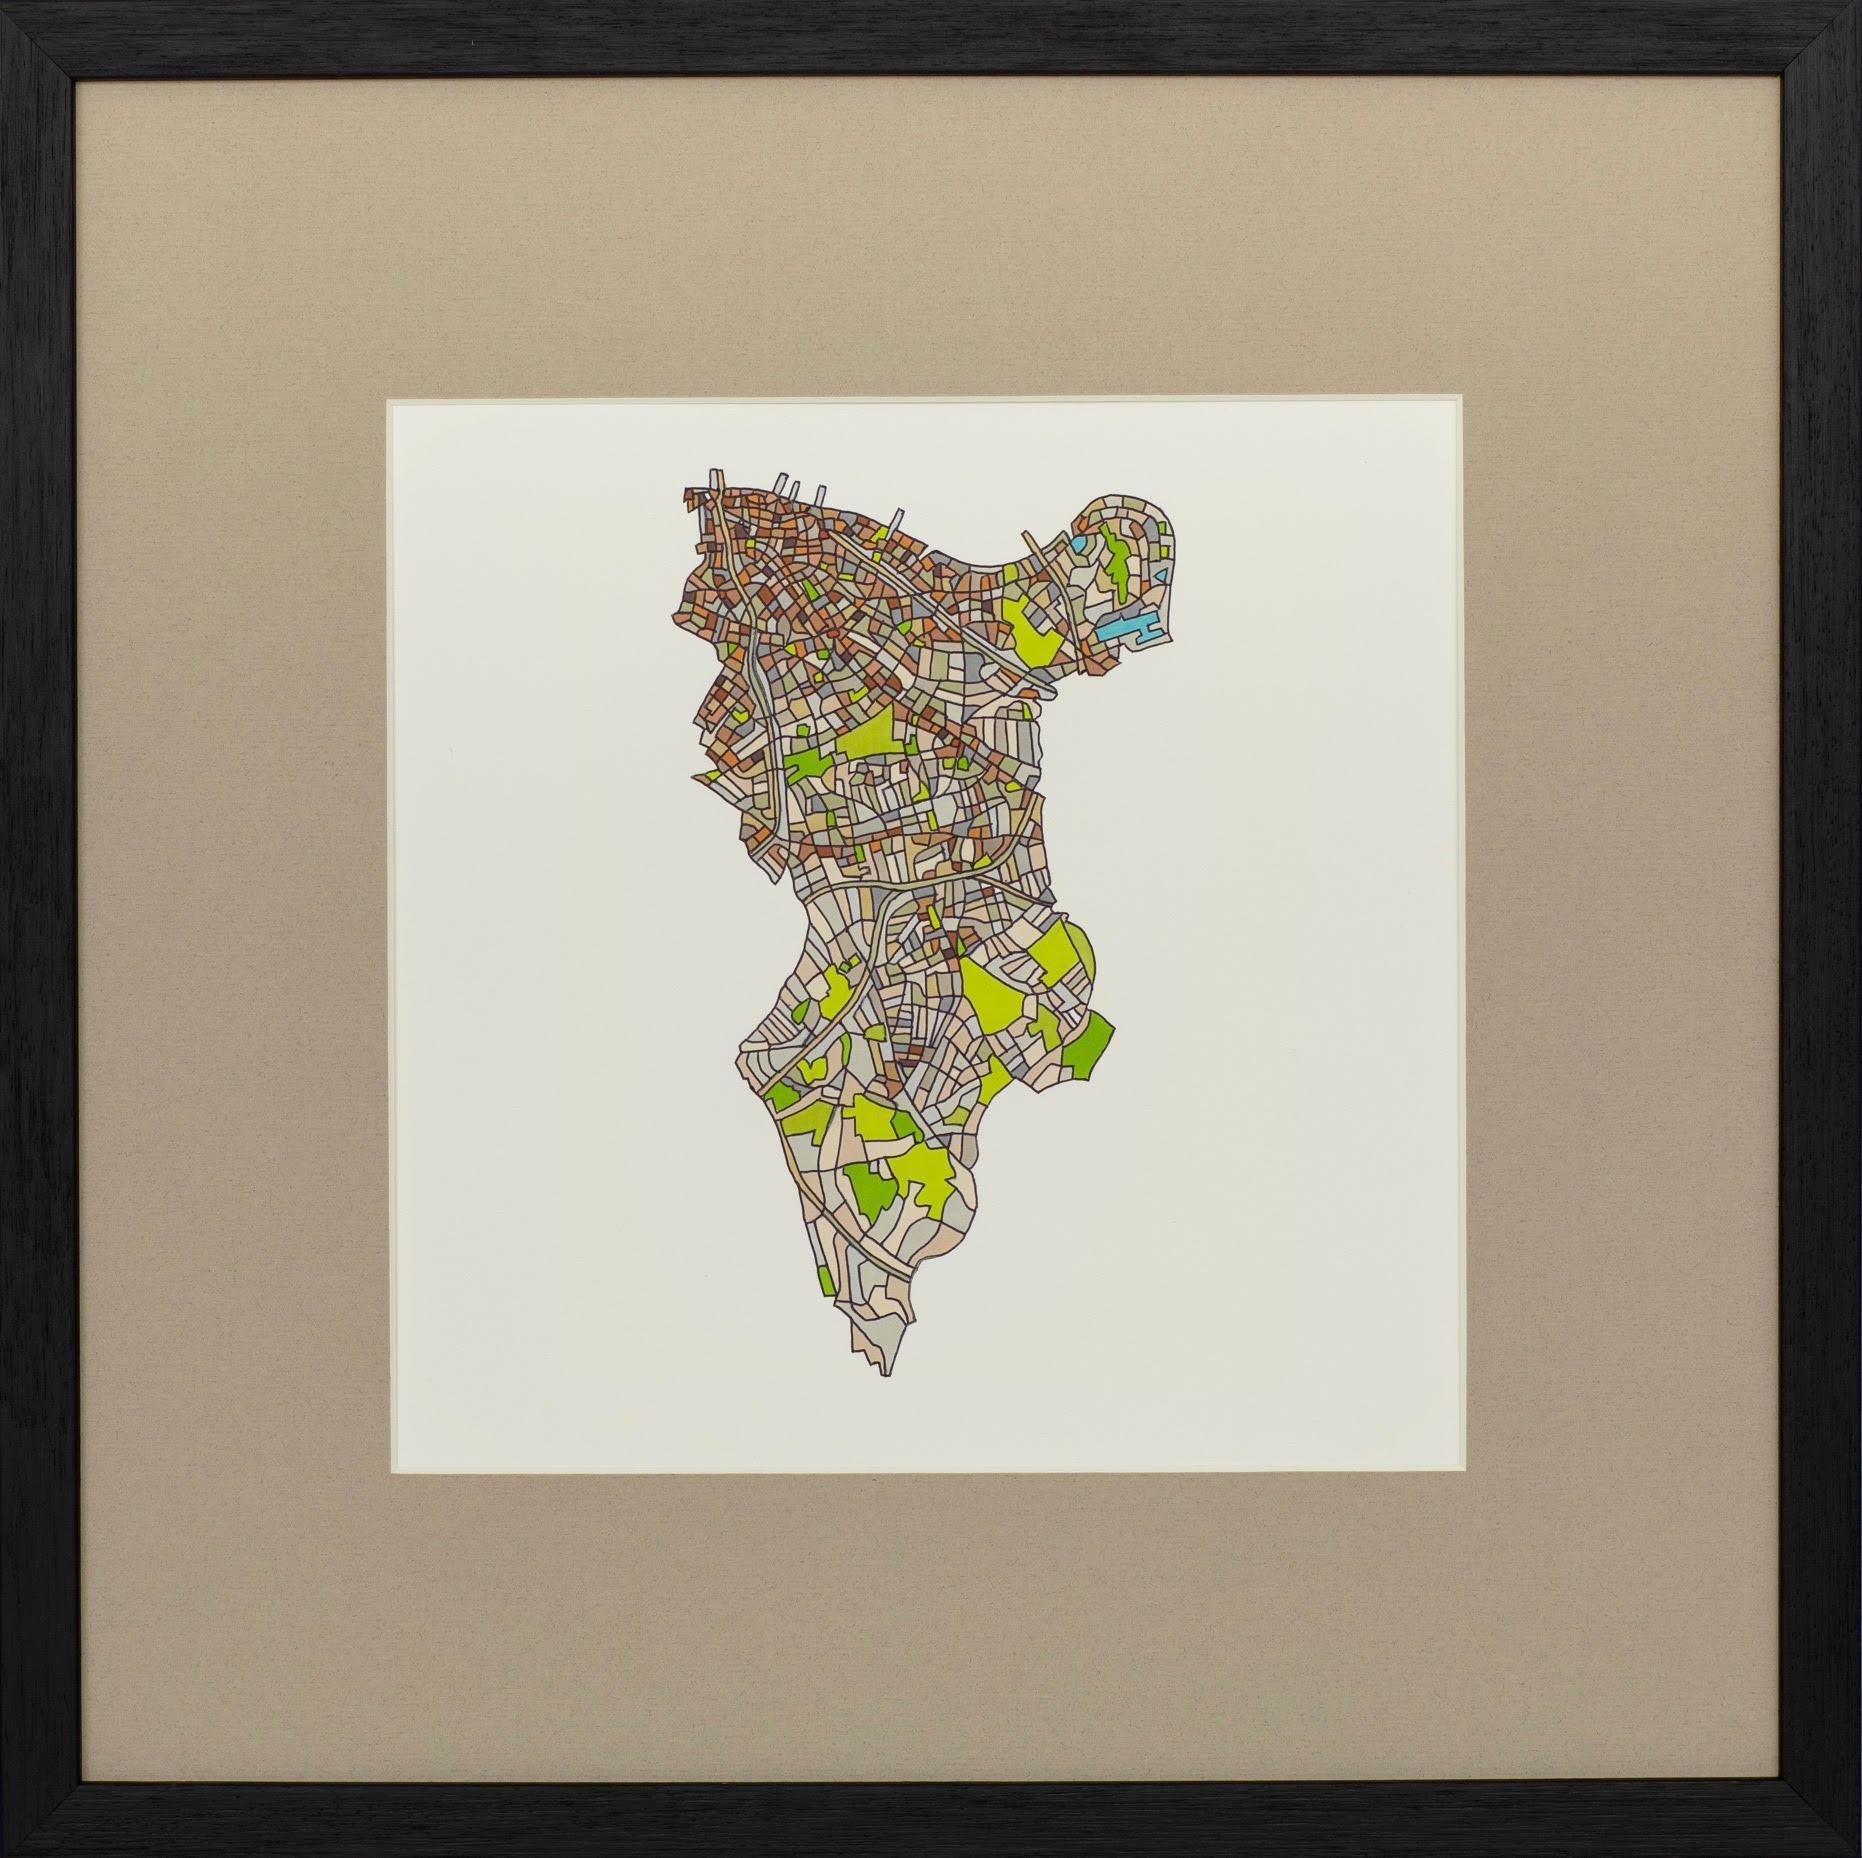 London Borough of Southwark, 2018 | Ink on Paper | 44 x 44 cm | £450 (framed)